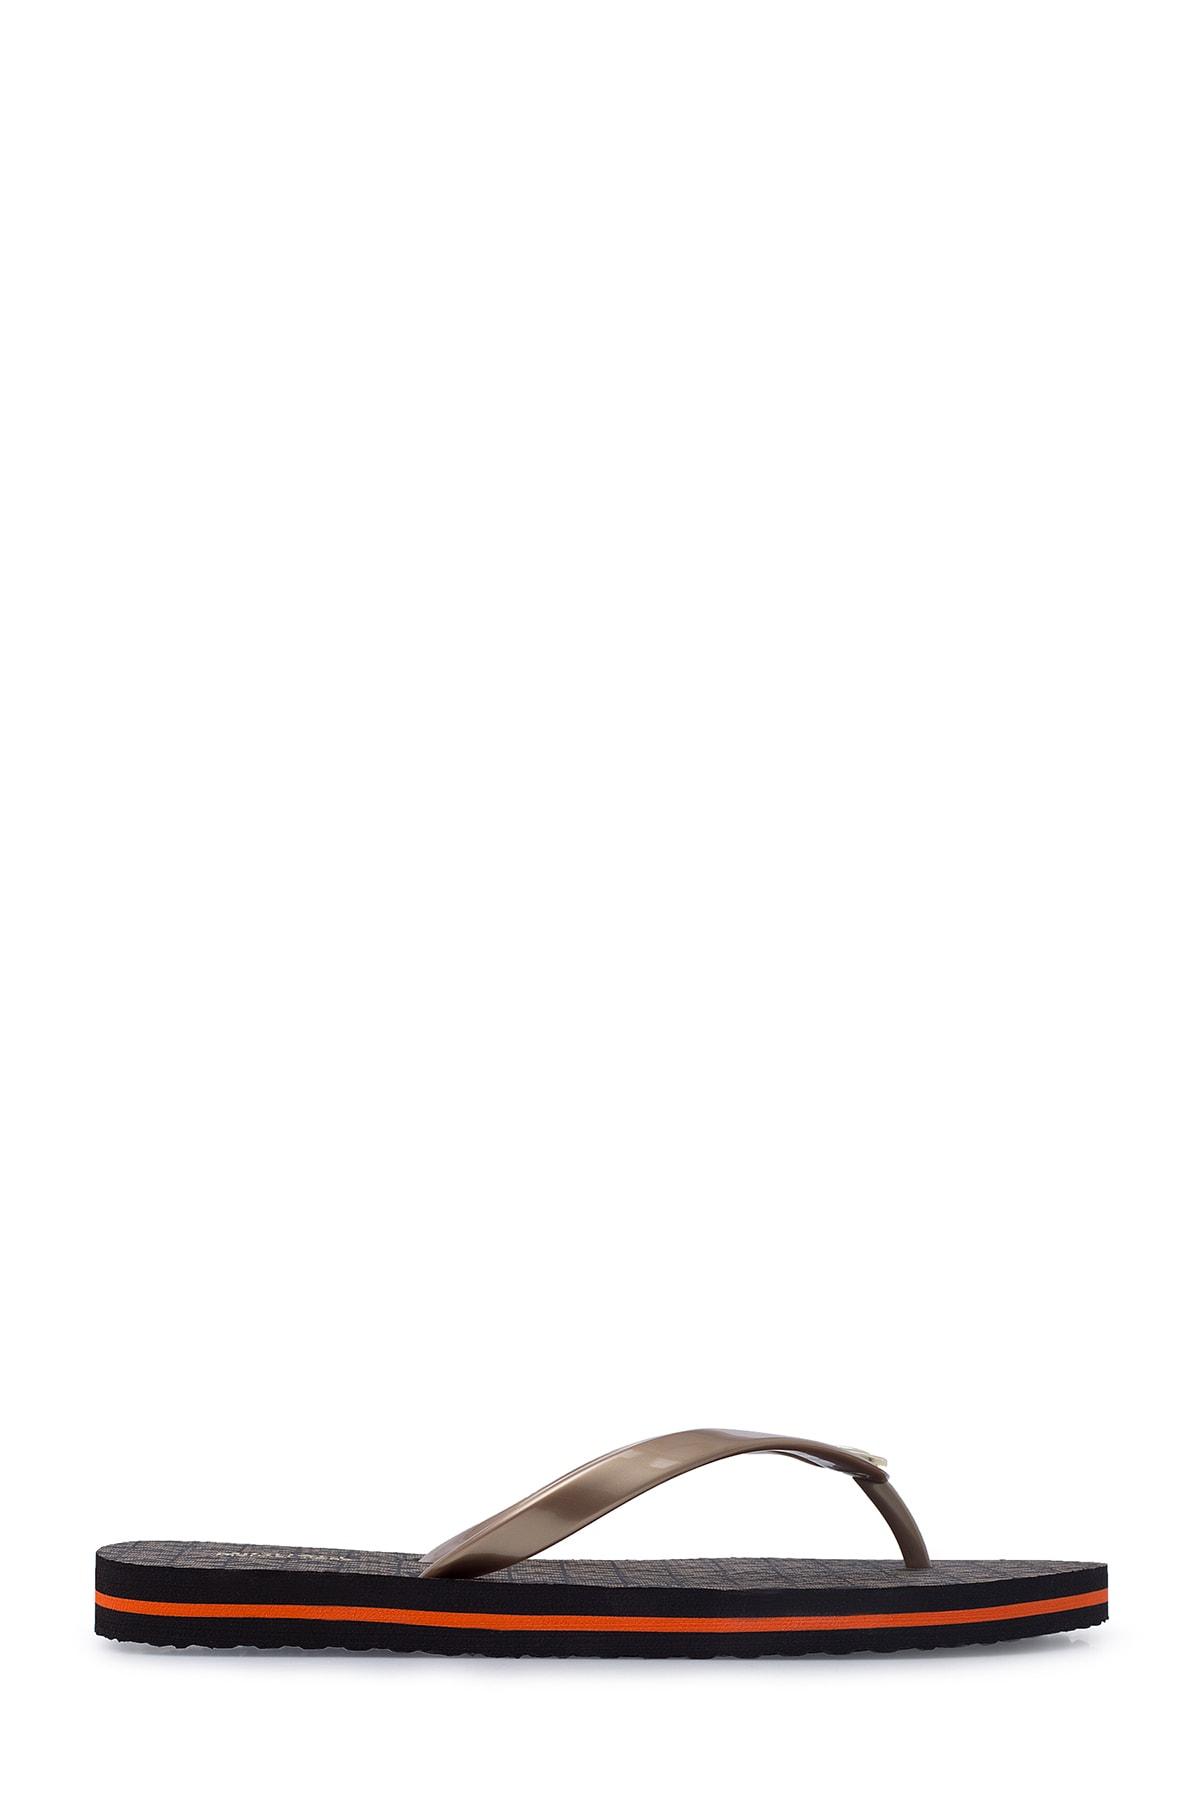 Michael Kors Kahve Kadın Terlik 1